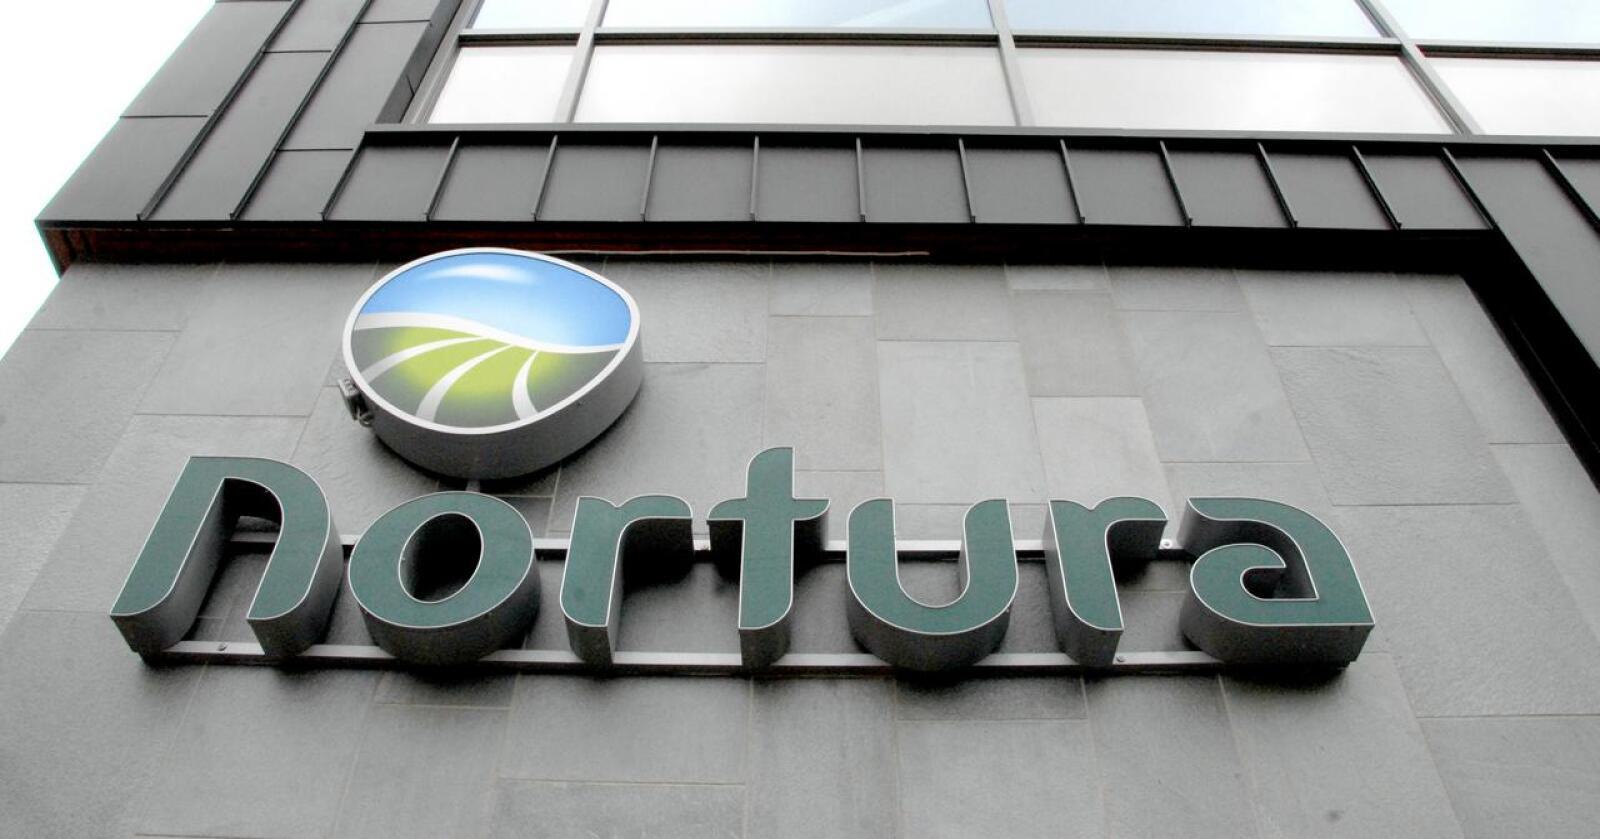 Nortura kaller tilbake flere produkter. Foto: Mariann Tvete